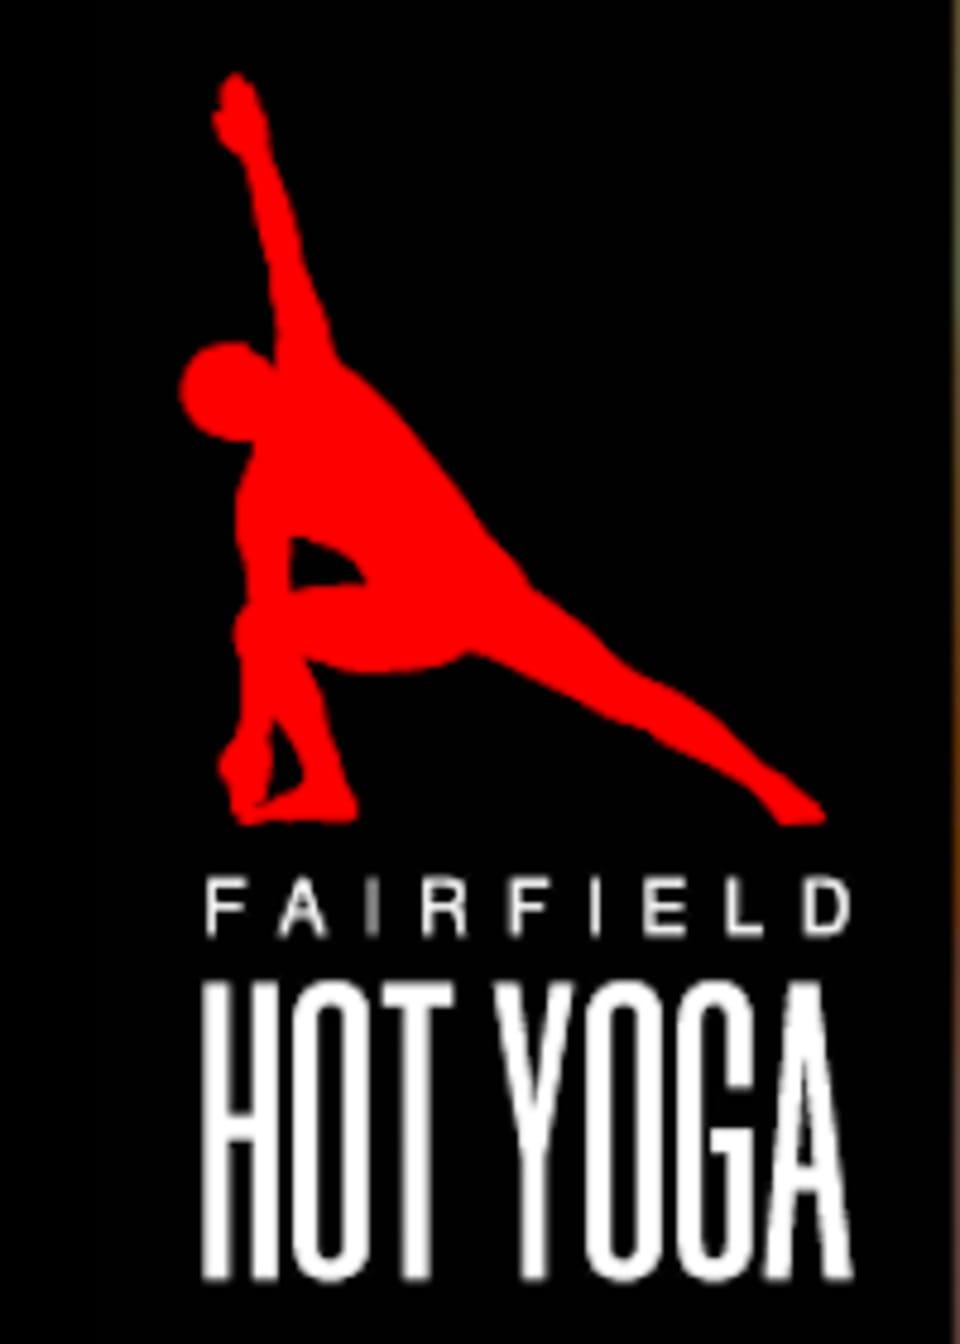 FAIRFIELD HOT YOGA logo